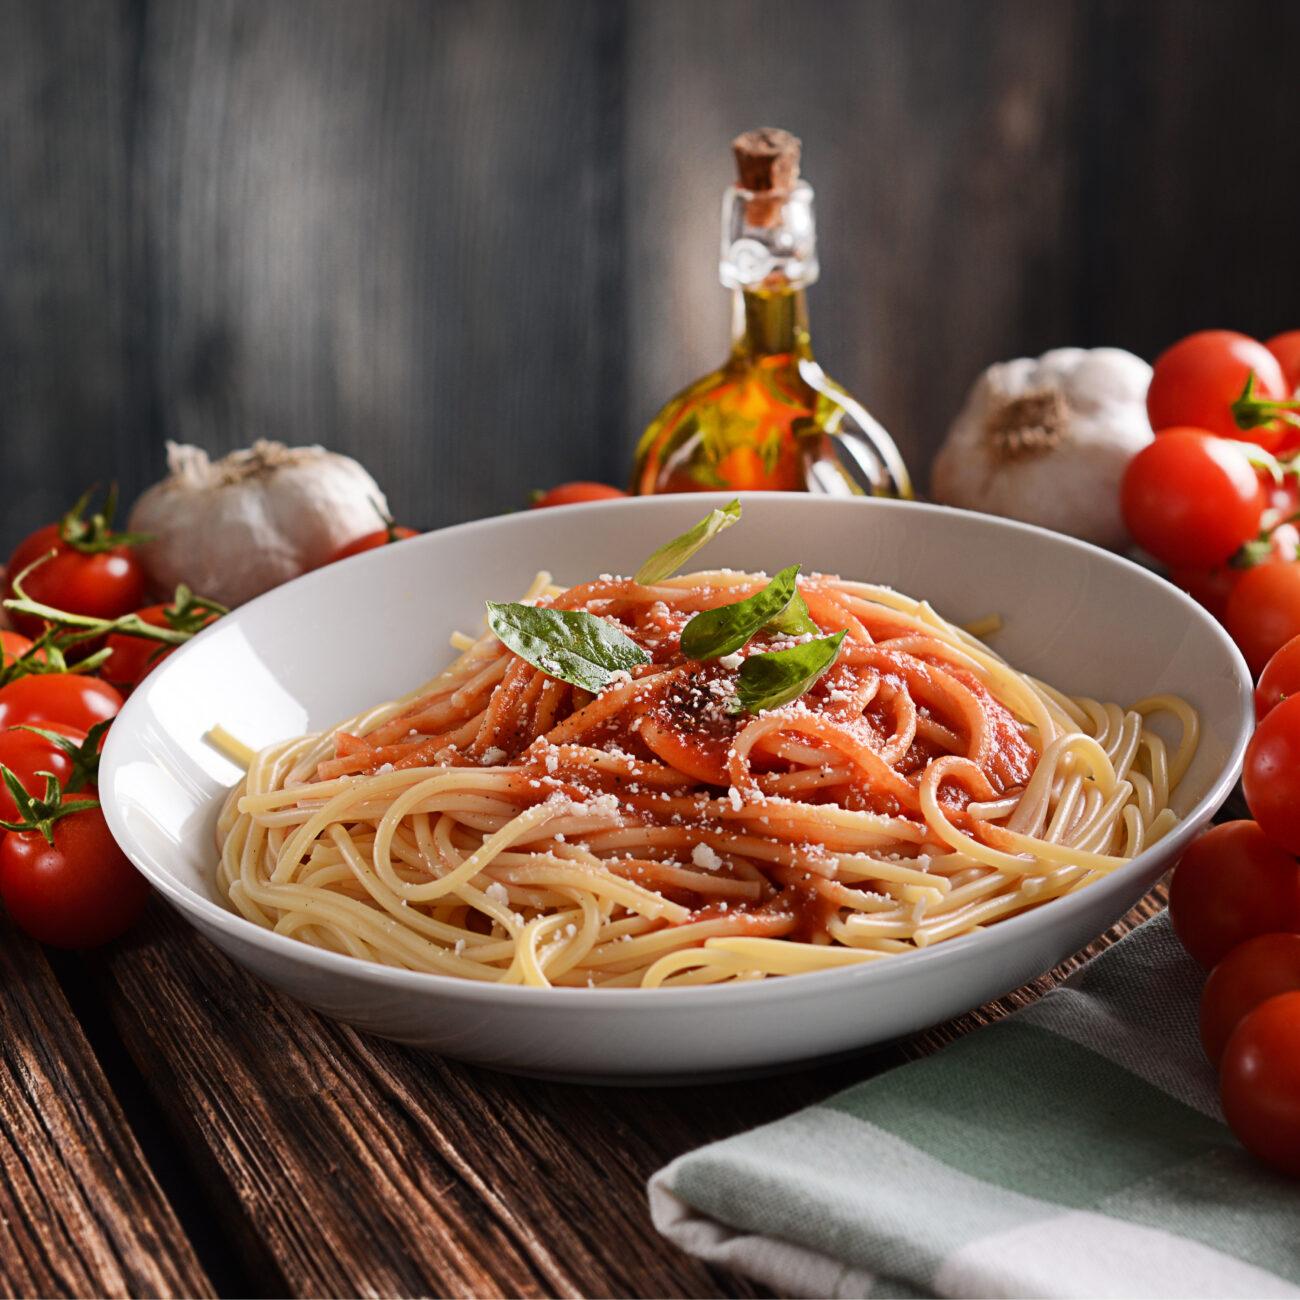 Špageti s paradižnikovo omako z baziliko